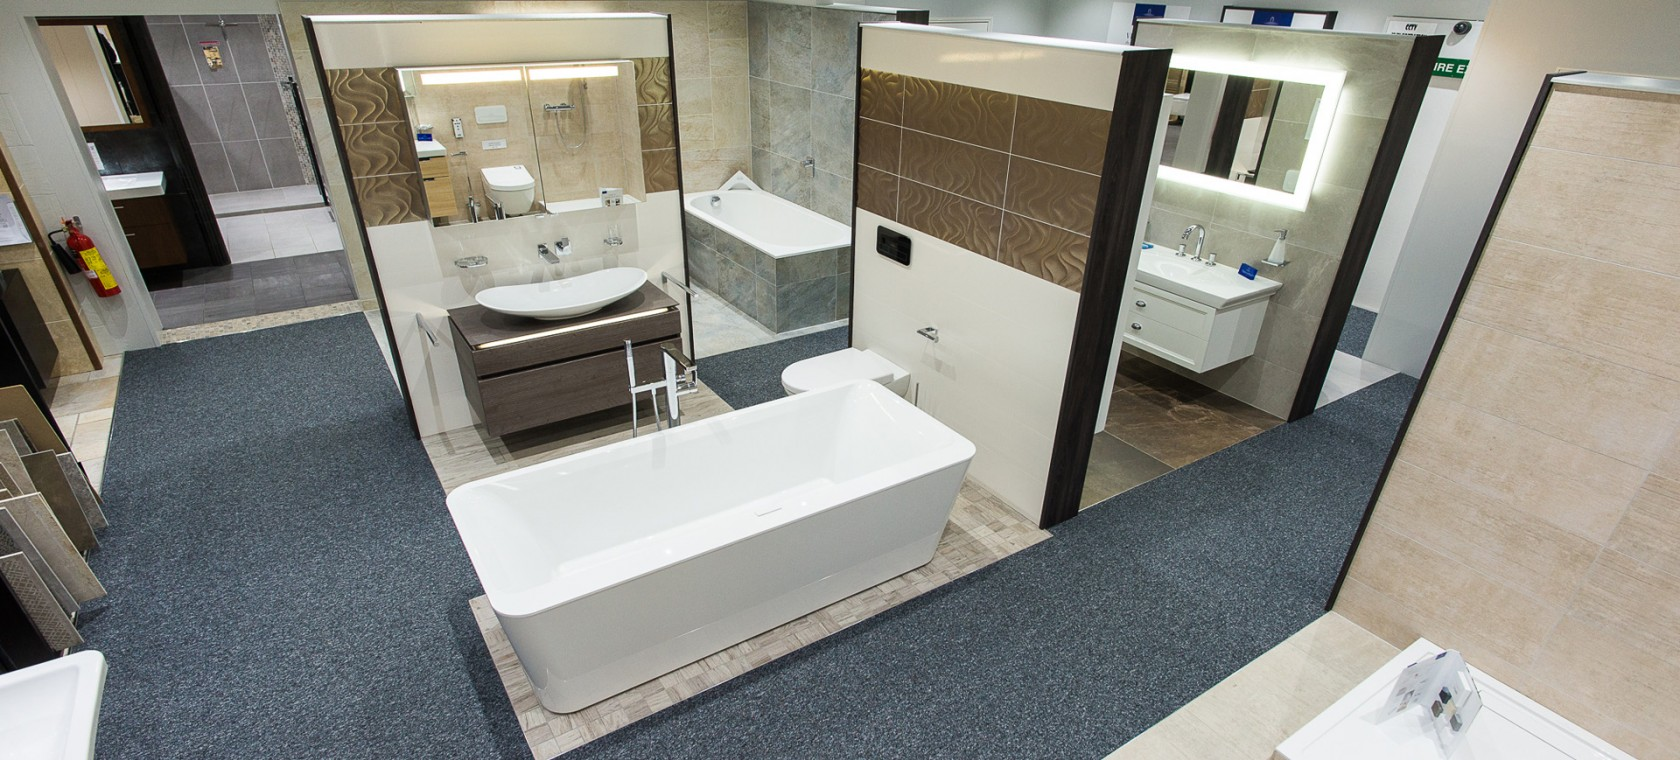 Luxury bathroom showrooms - Visit Our New Villeroy Boch Luxury Bathroom Display